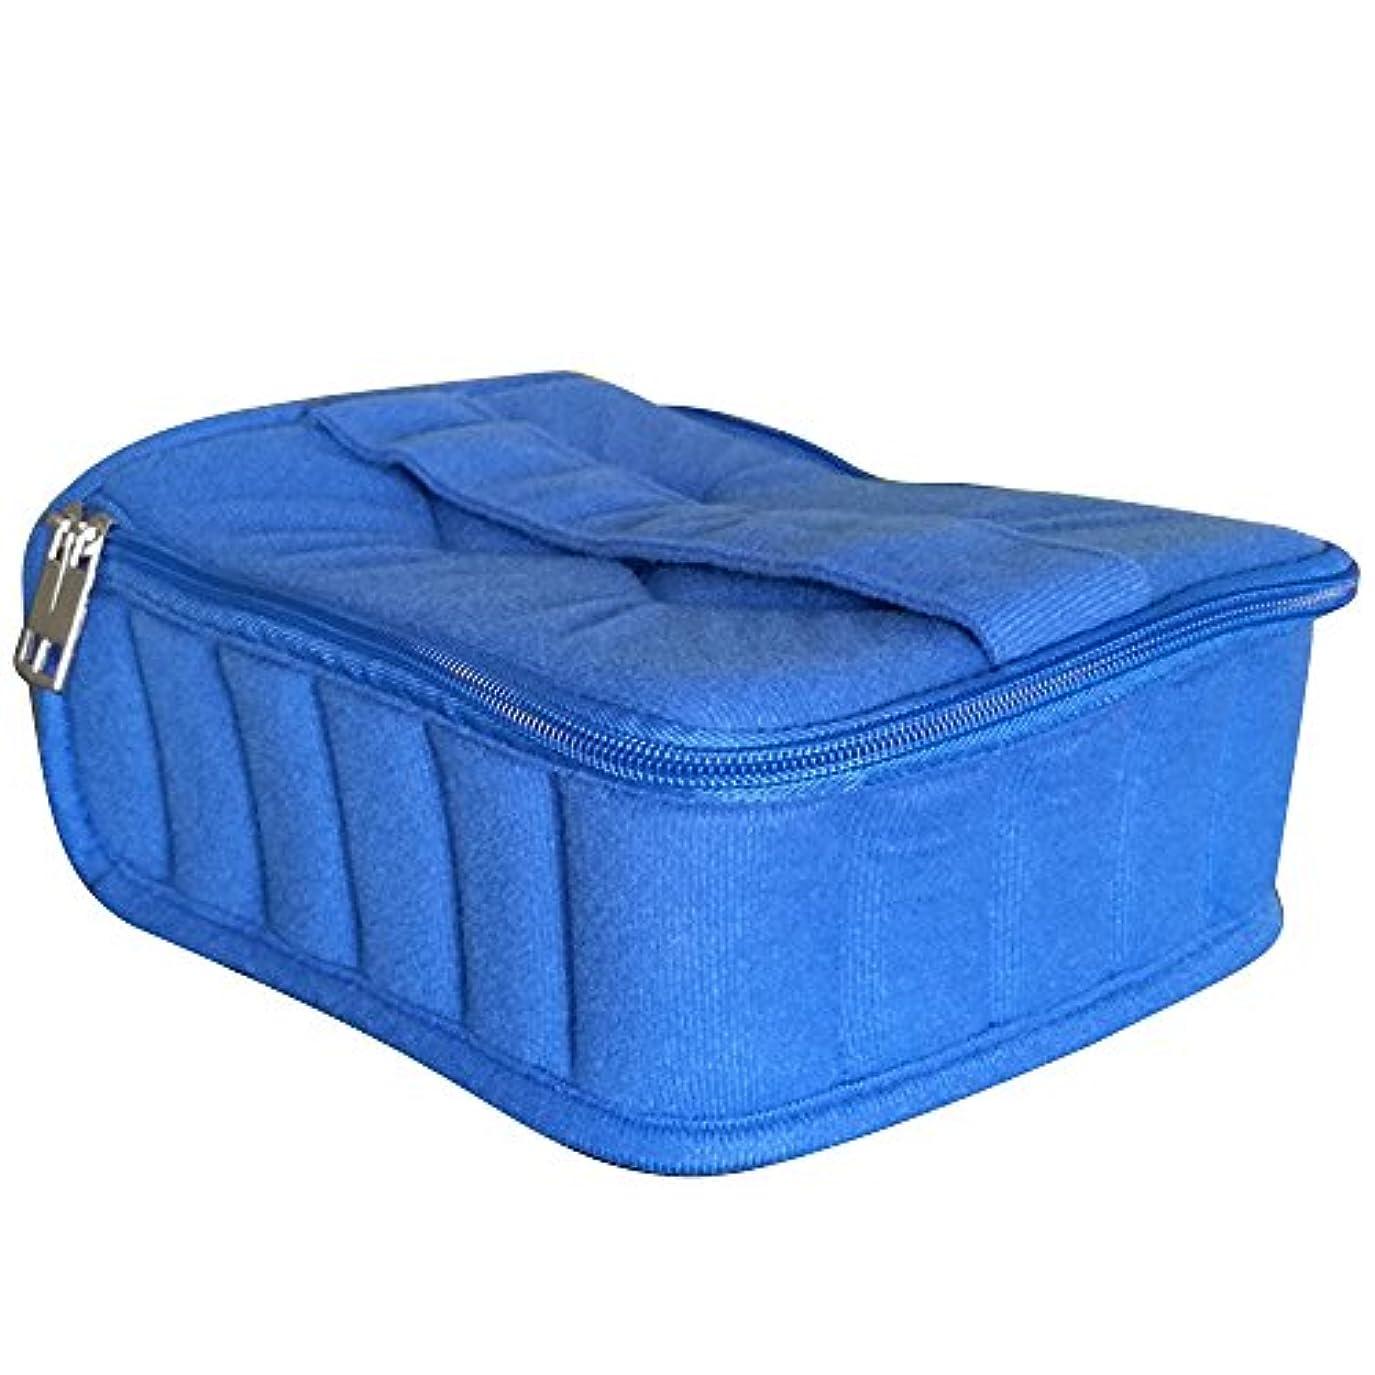 絶対のフィッティングフレットゴシレ Gosear 30 格子 ポータブル ショック抵抗力 本質 ストレージ 旅行 運ぶ ケース ホルダー バッグ ため 5 ml 10 ml 15 ml ボトル 青色